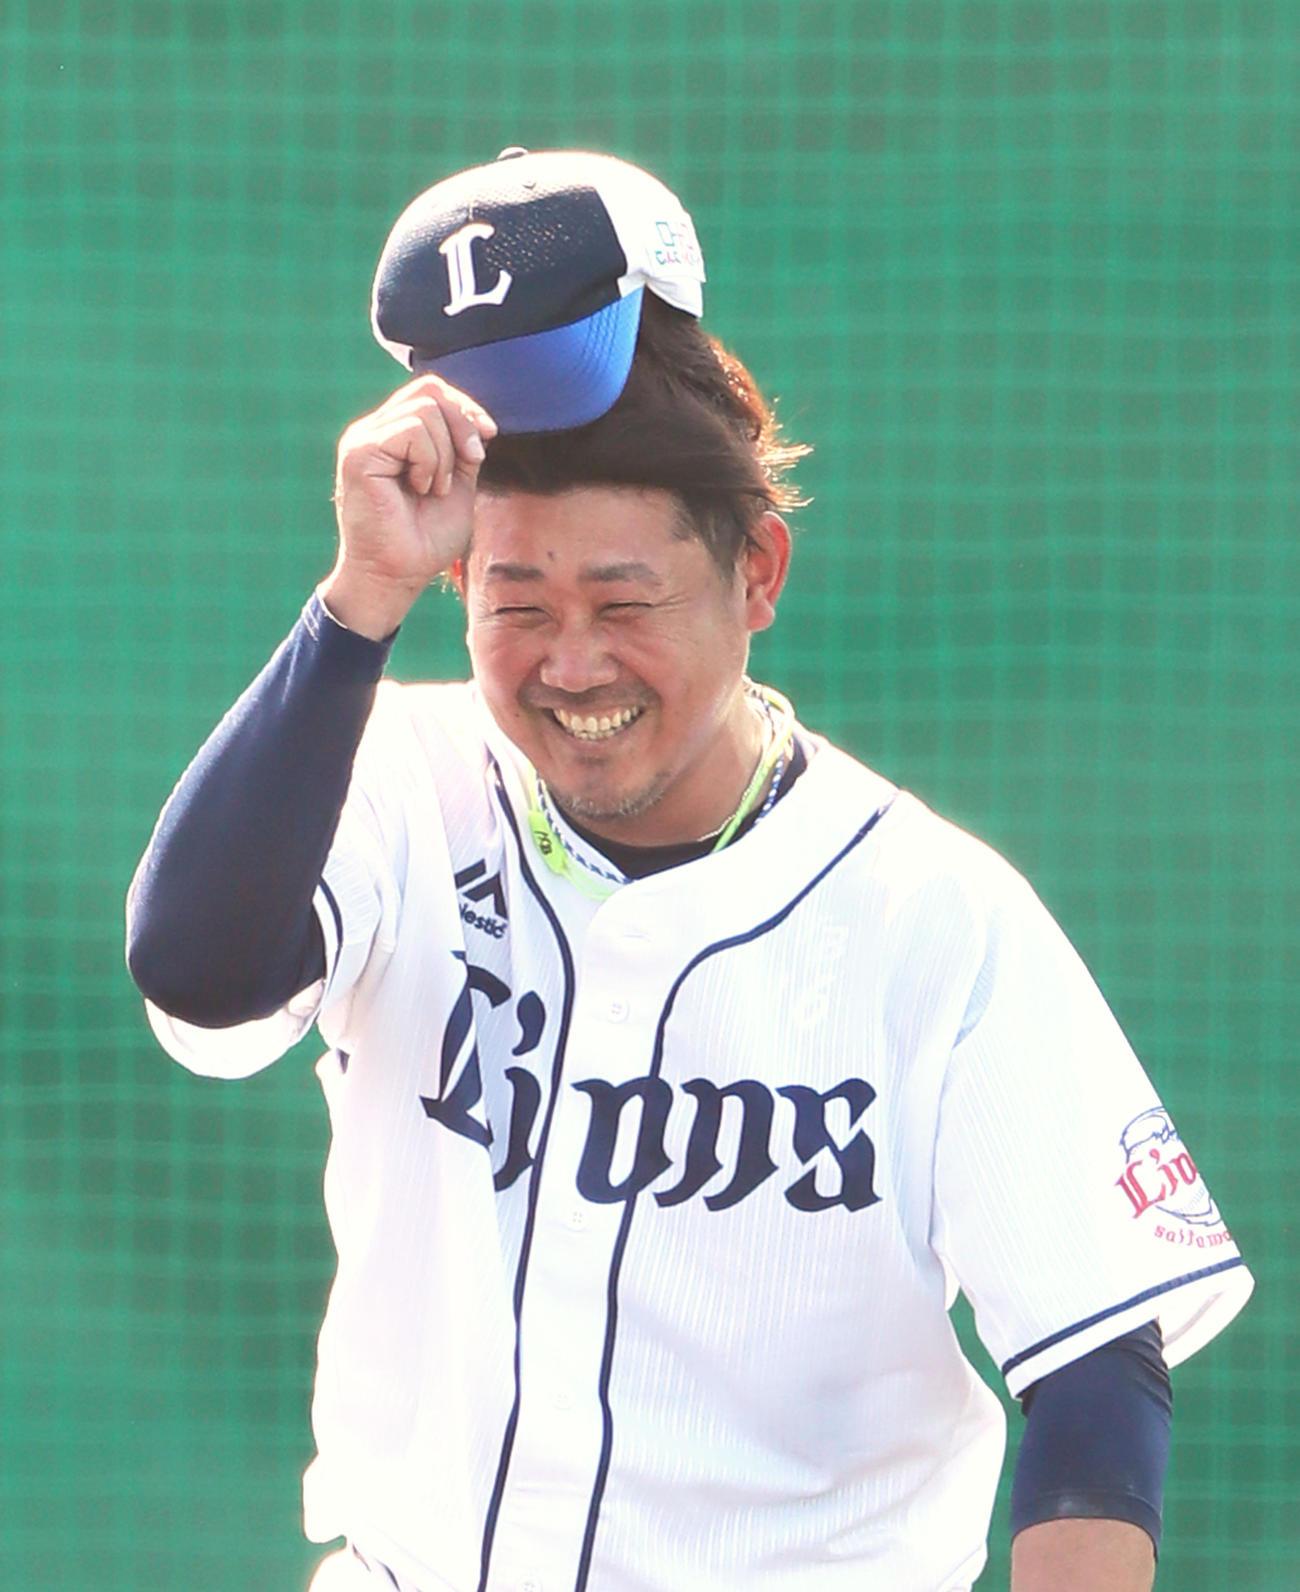 打撃投手を終えた西武松坂は帽子を取り笑顔でマウンドを降りる(撮影・足立雅史)